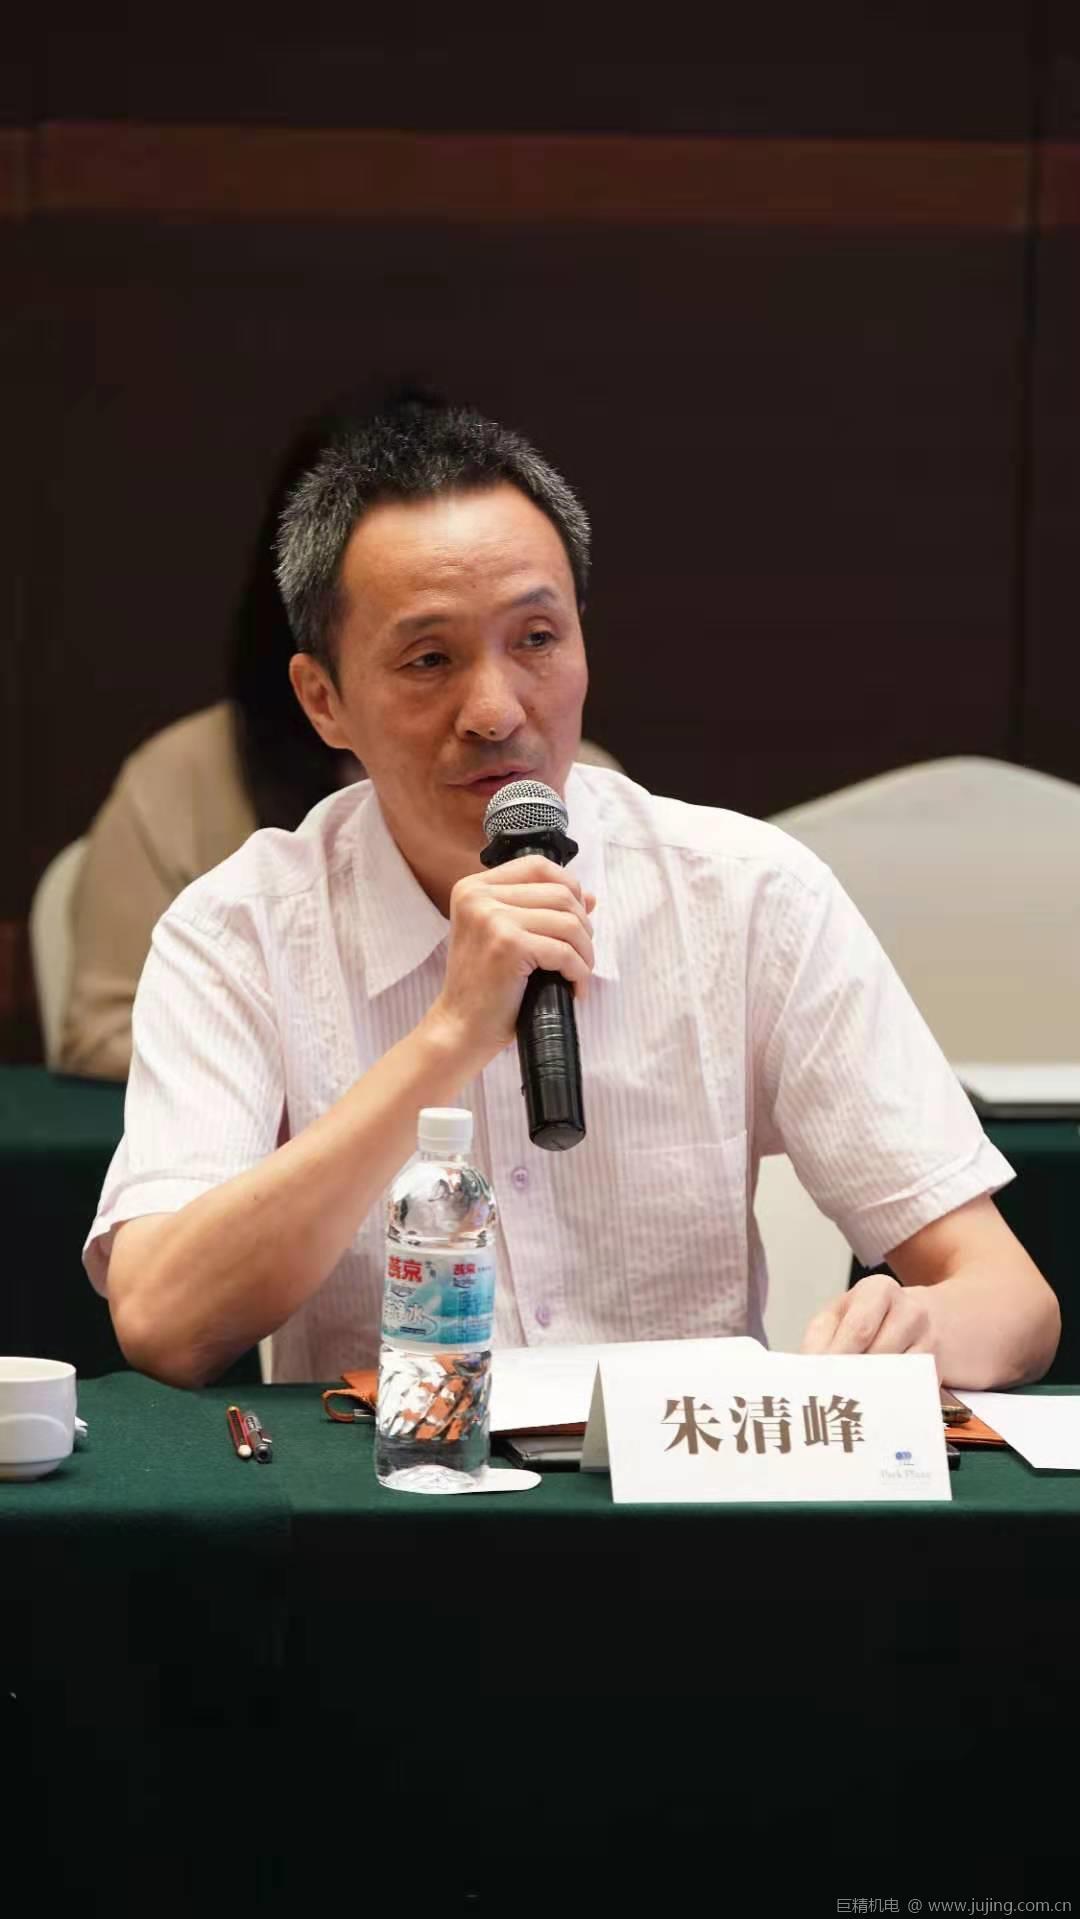 中国联通中讯院朱清峰:5G基站降耗是重点,供电标准也需与时俱进